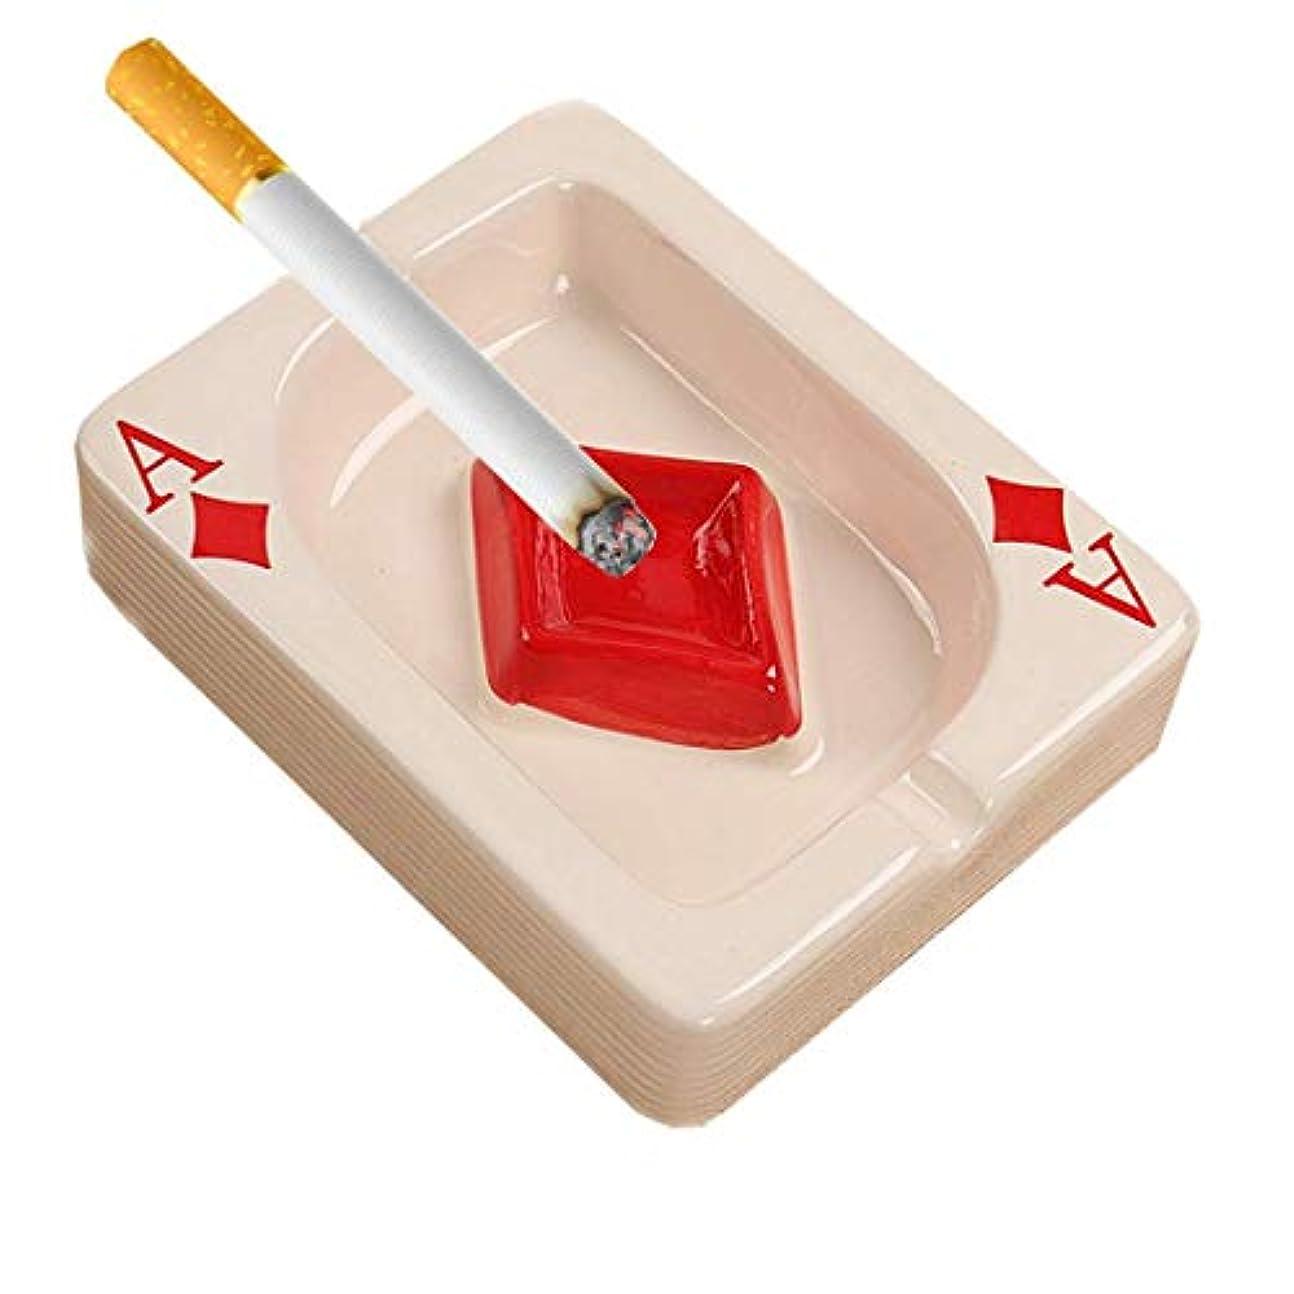 遠え先駆者モート人々のための灰皿ホームオフィスファッション装飾手作りギフト喫煙屋外屋内デスクトップのためのクリエイティブセラミックたばこの灰皿卓上ポータブル現代灰皿ポーカーシガー灰皿